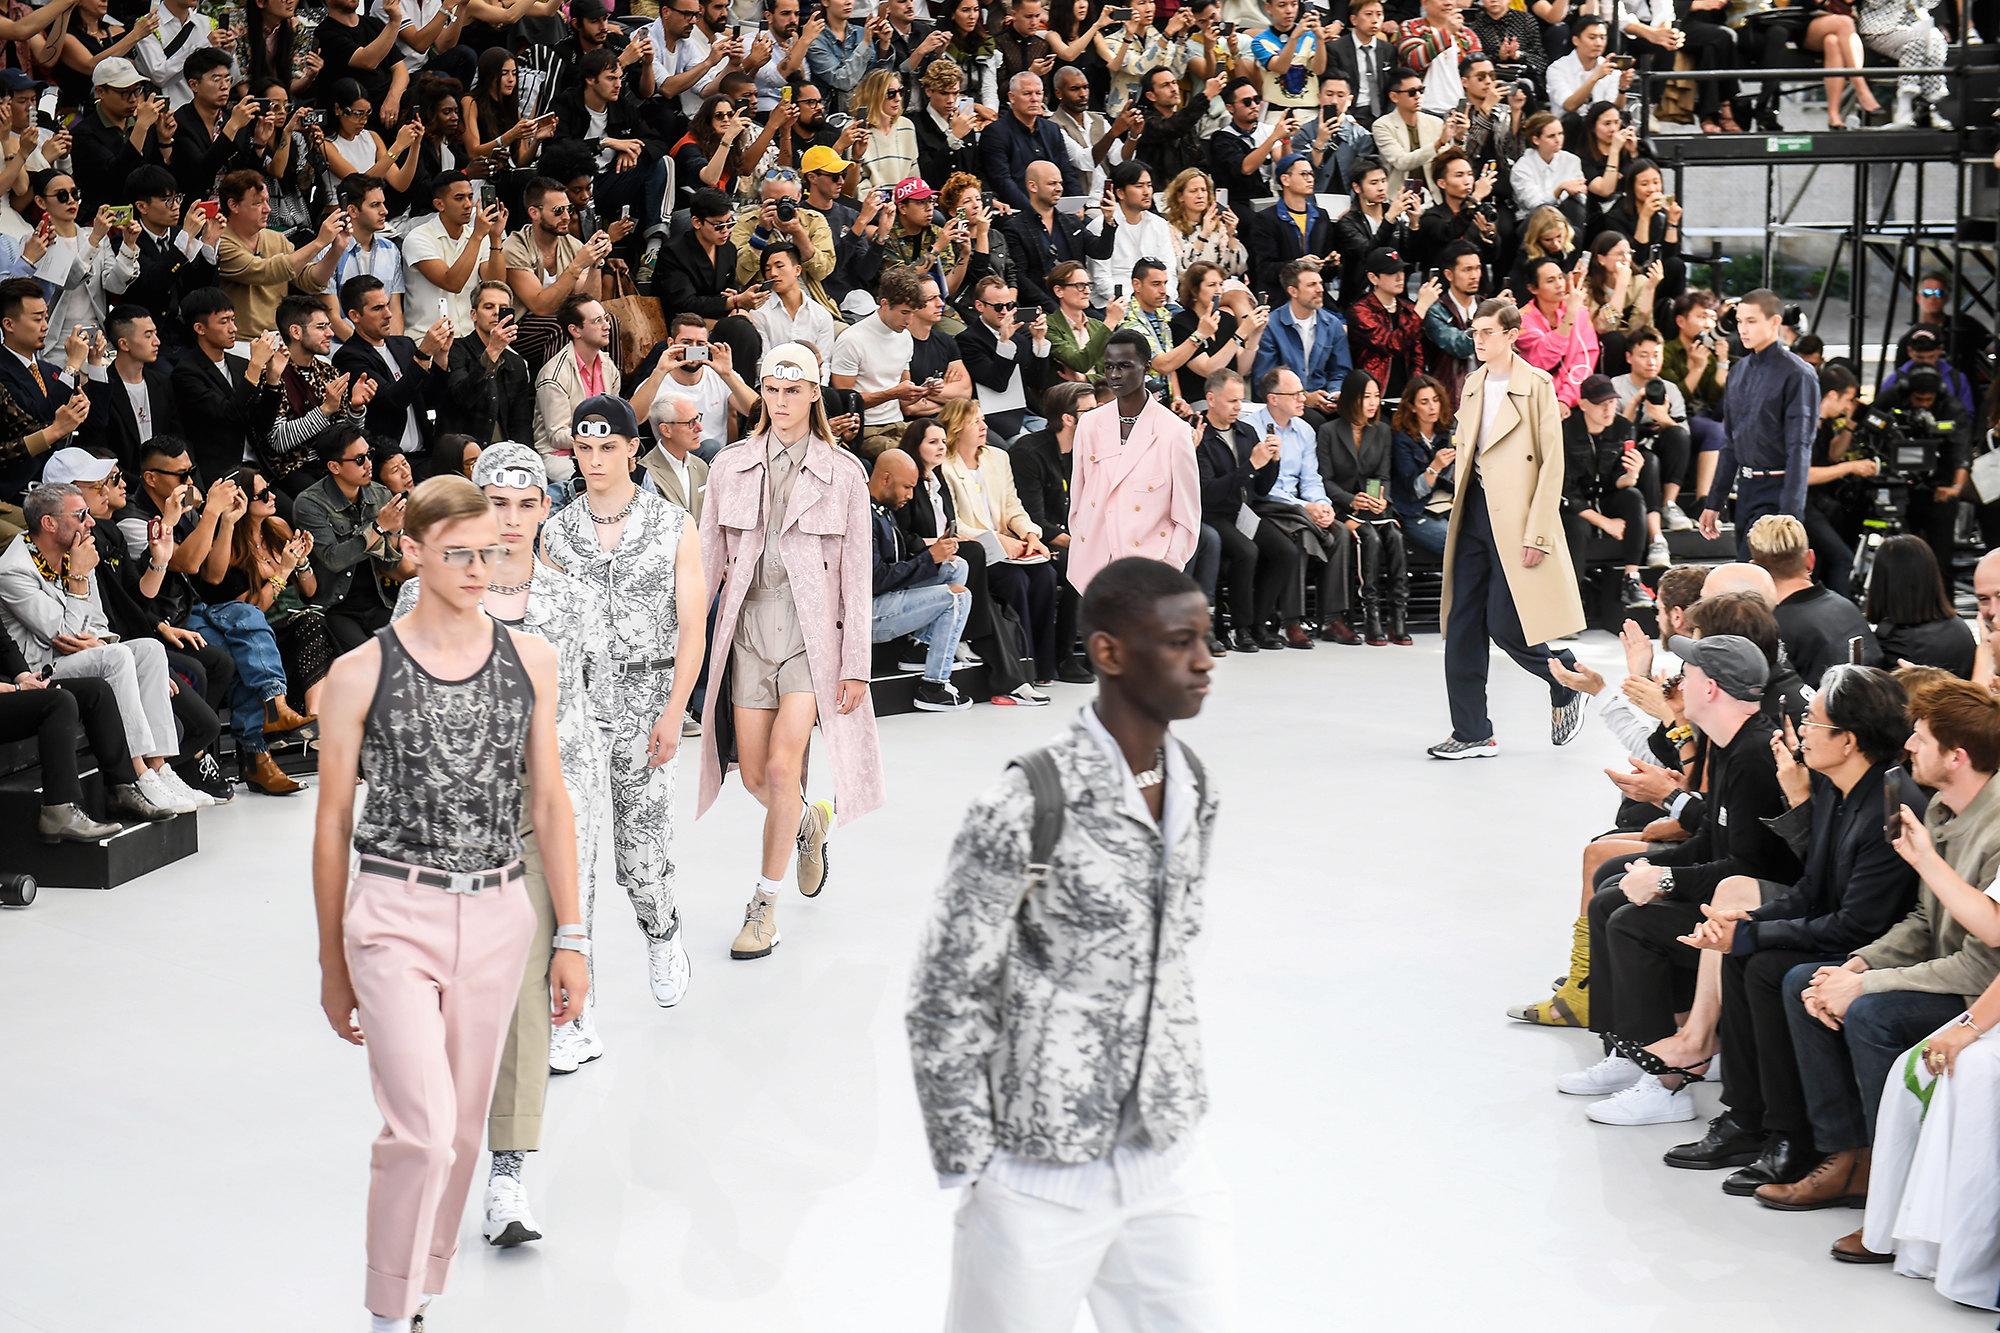 Финал показа Dior Homme весна-лето 2019